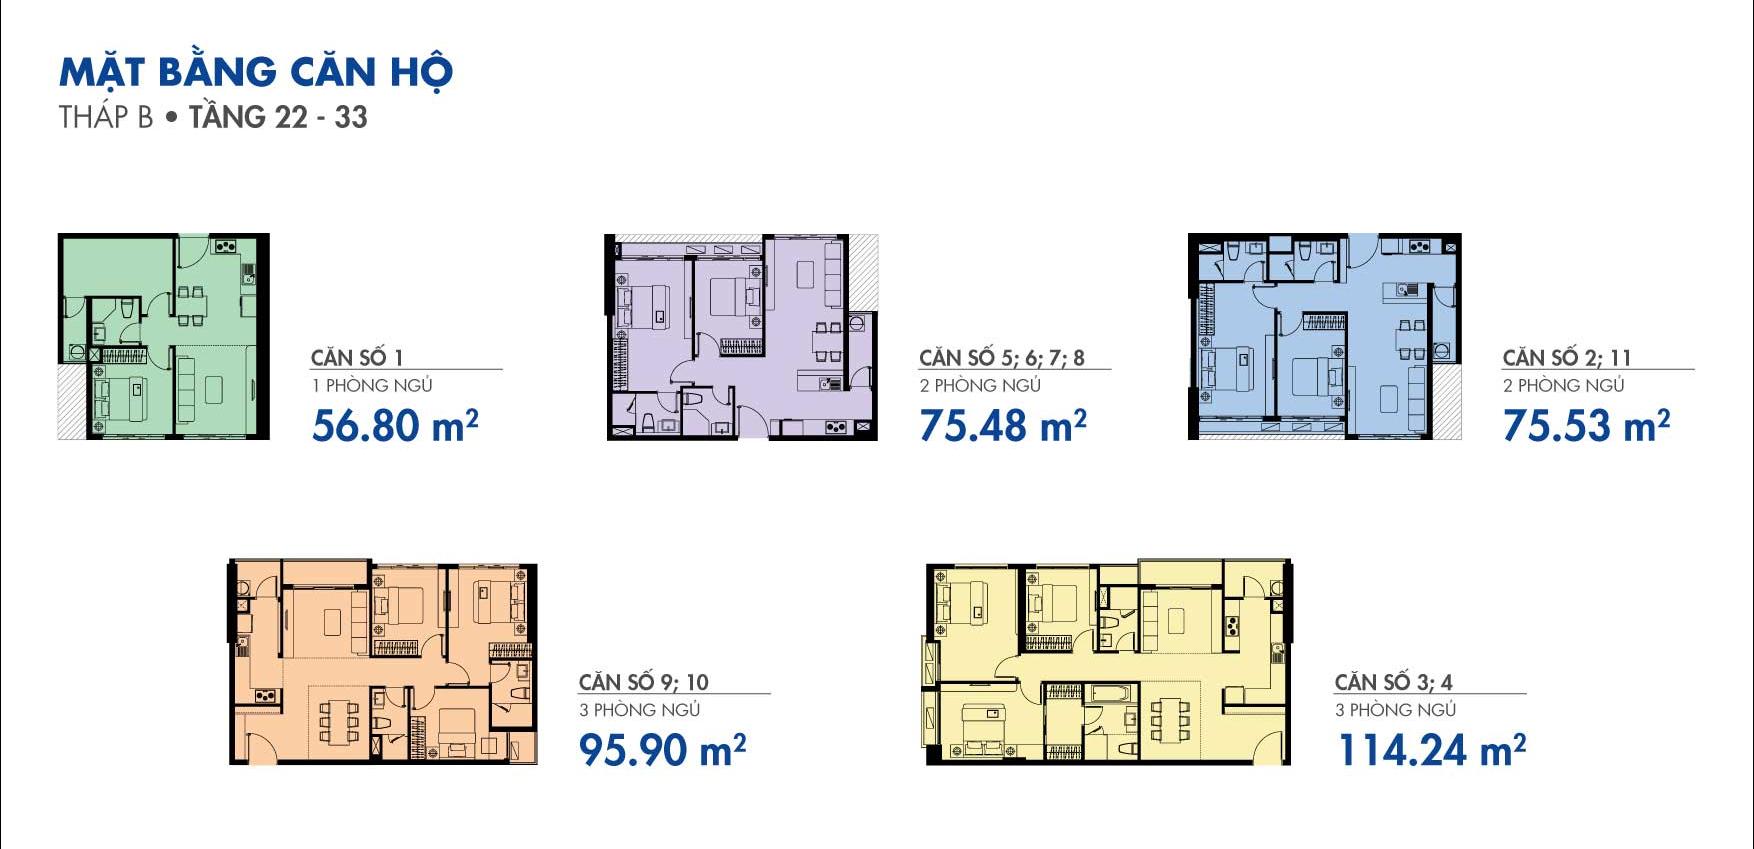 Mặt bằng căn hộ tháp B Tầng 22-33